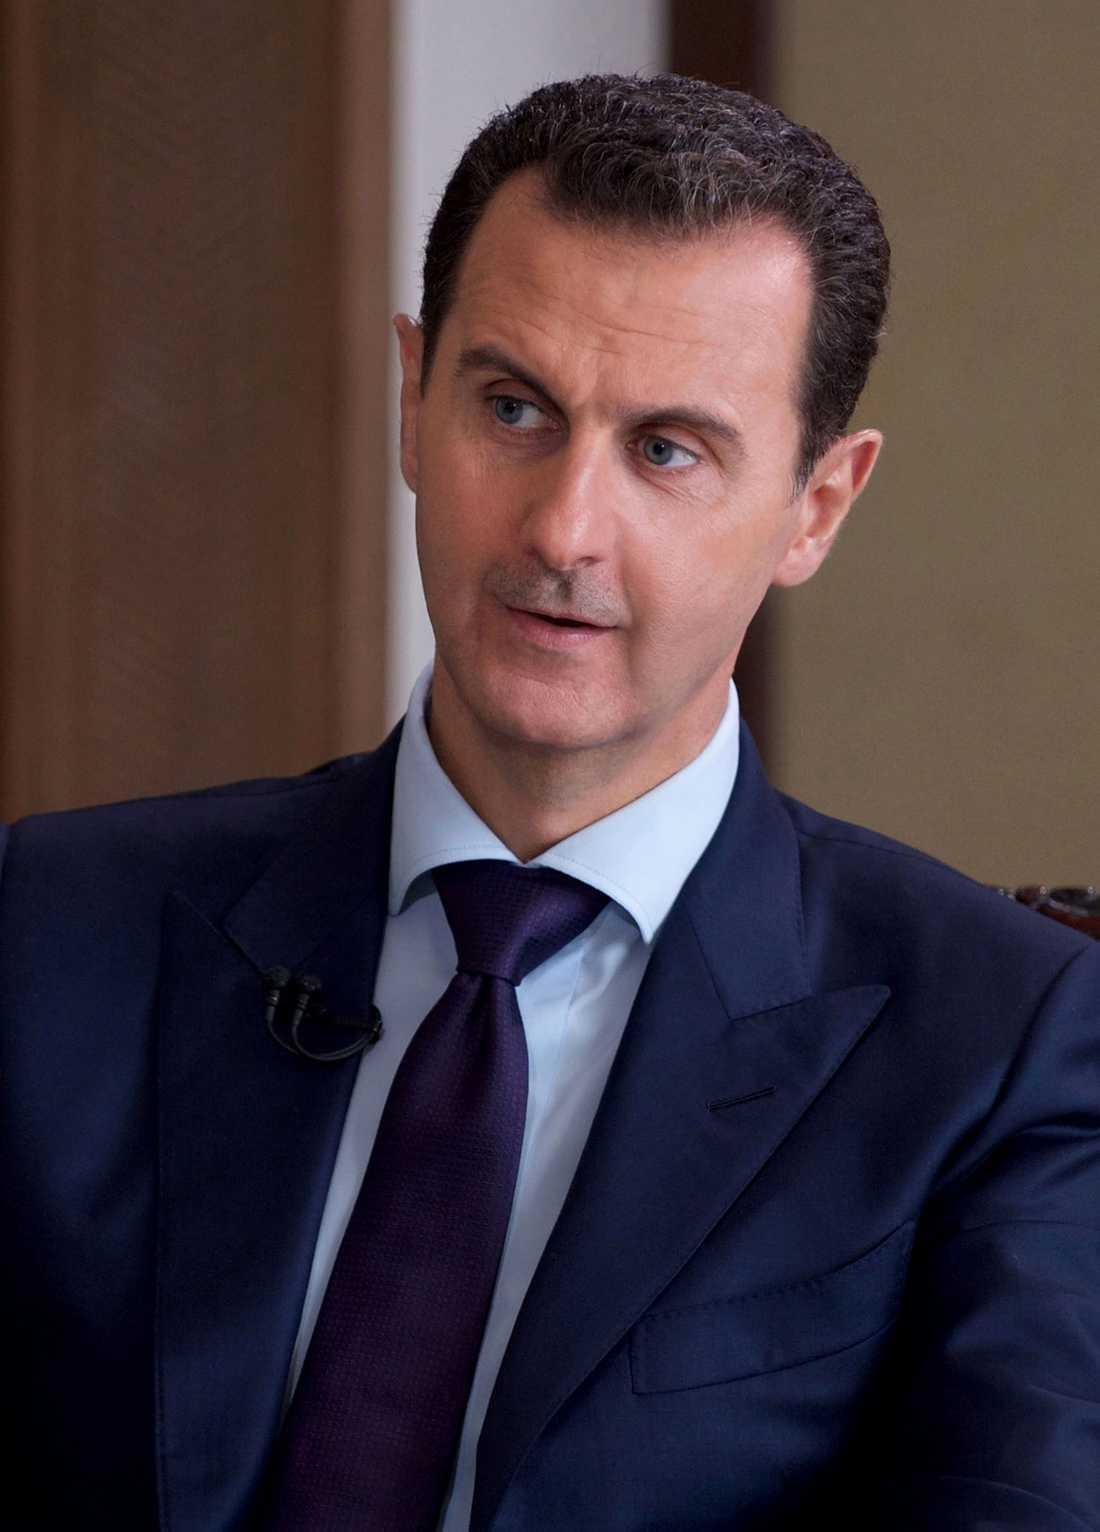 Syriens diktator Bashar al Assad bombar sin egen befolkning från luften.